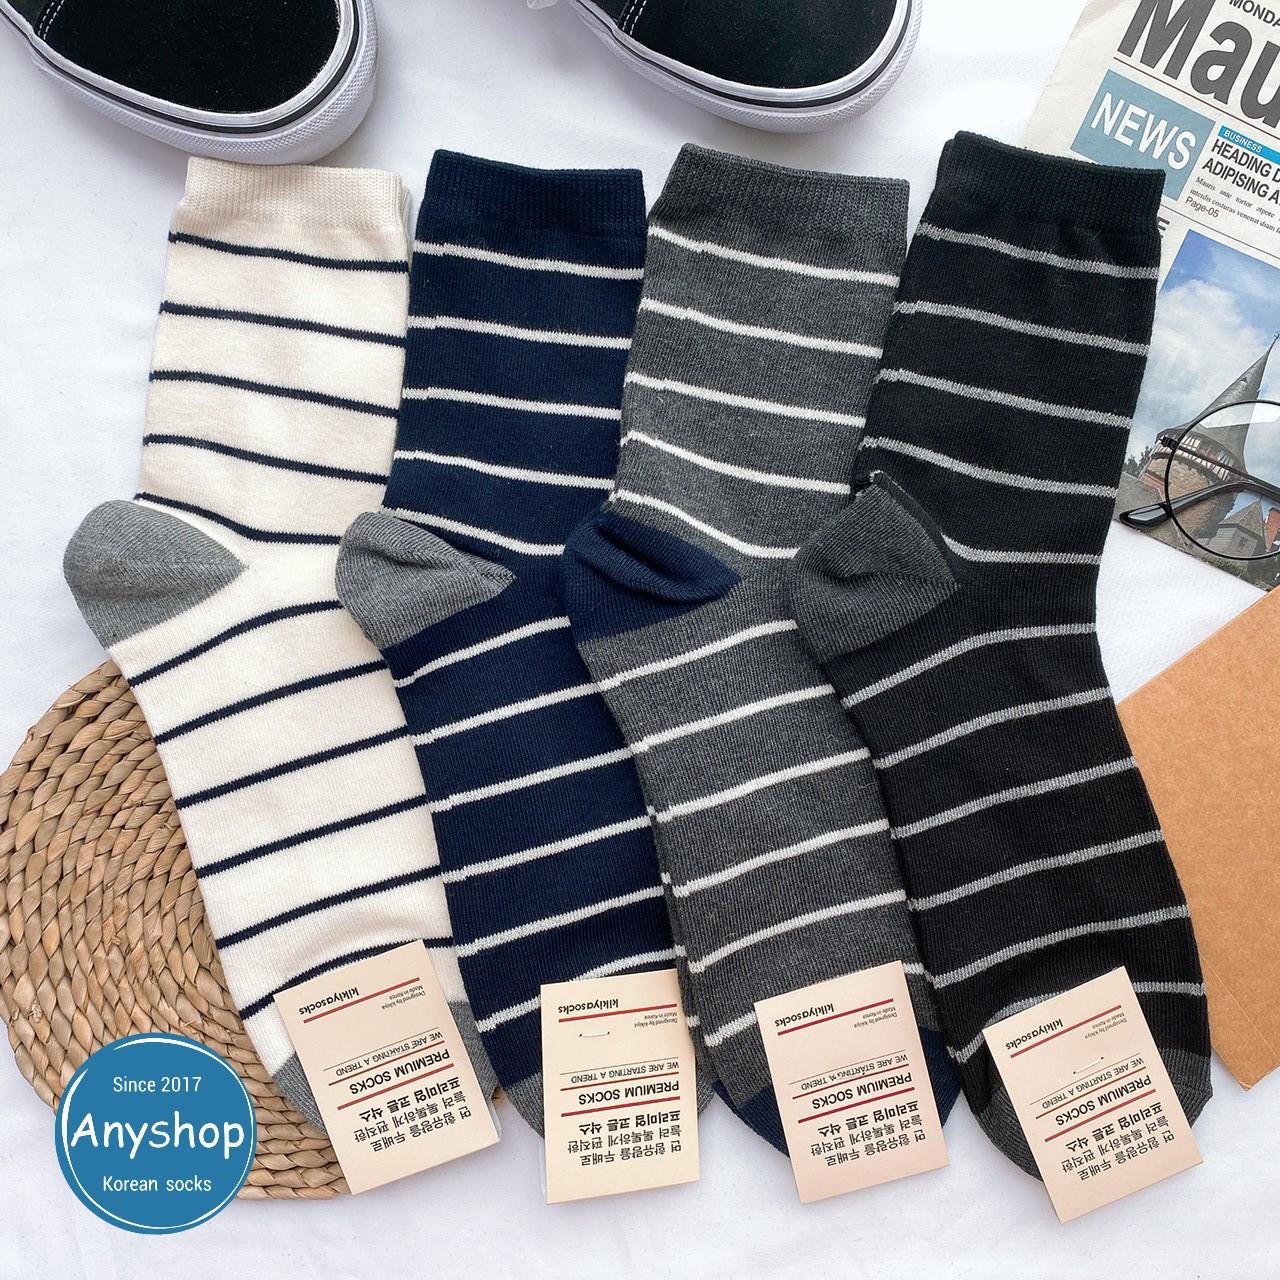 韓國襪-[Anyshop]簡單日系男士條紋襪